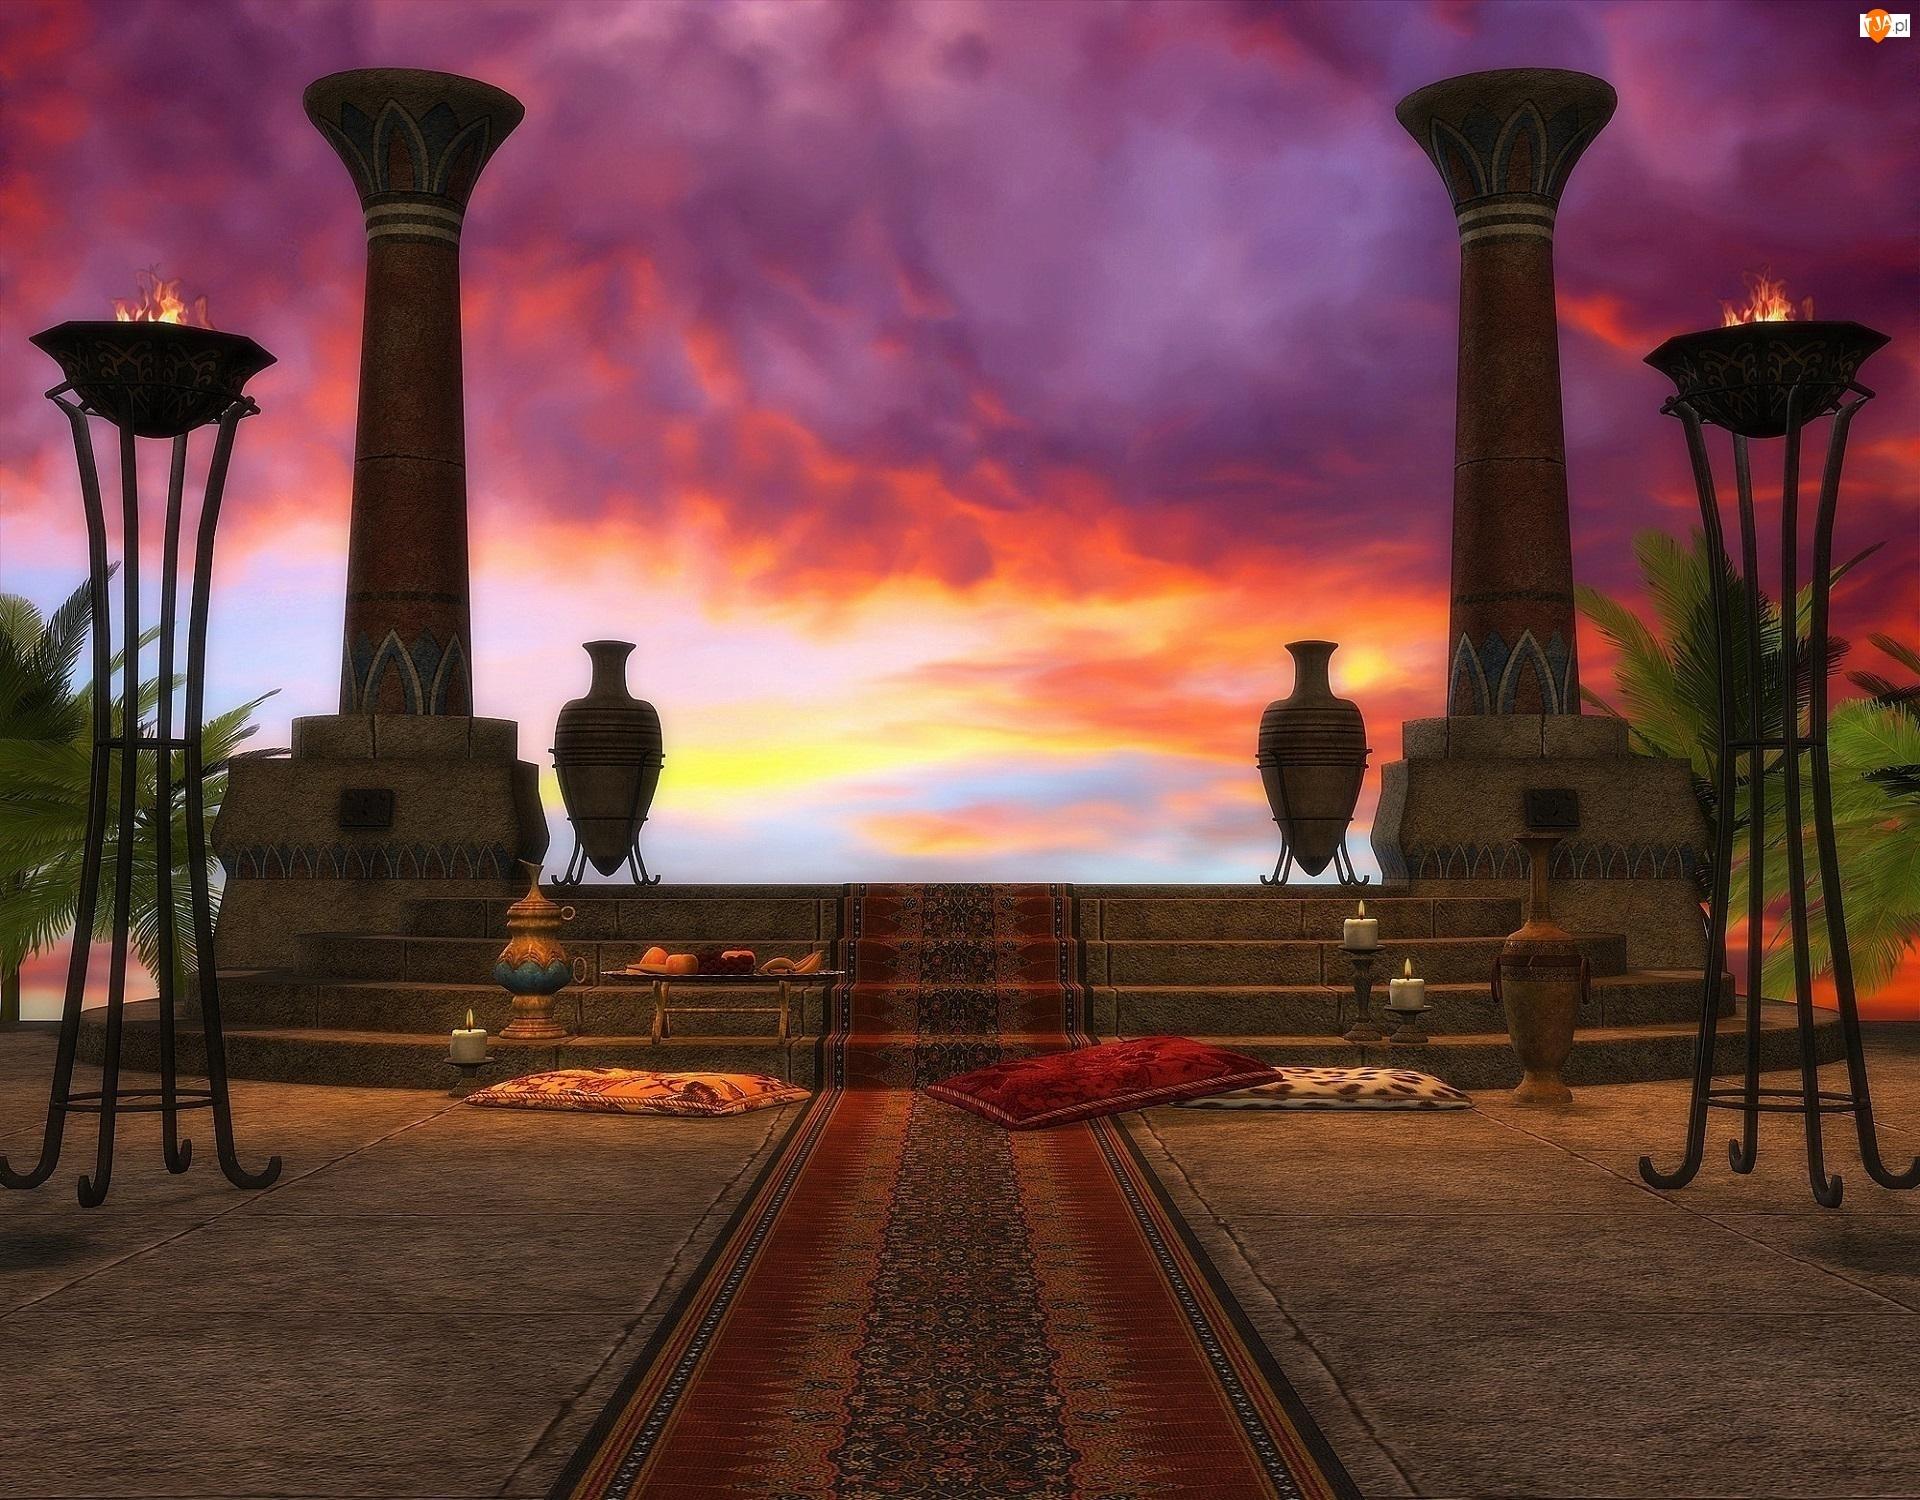 Niebo, Kolumny, Schody, Dywan, Świątynia, Znicze, Wazy